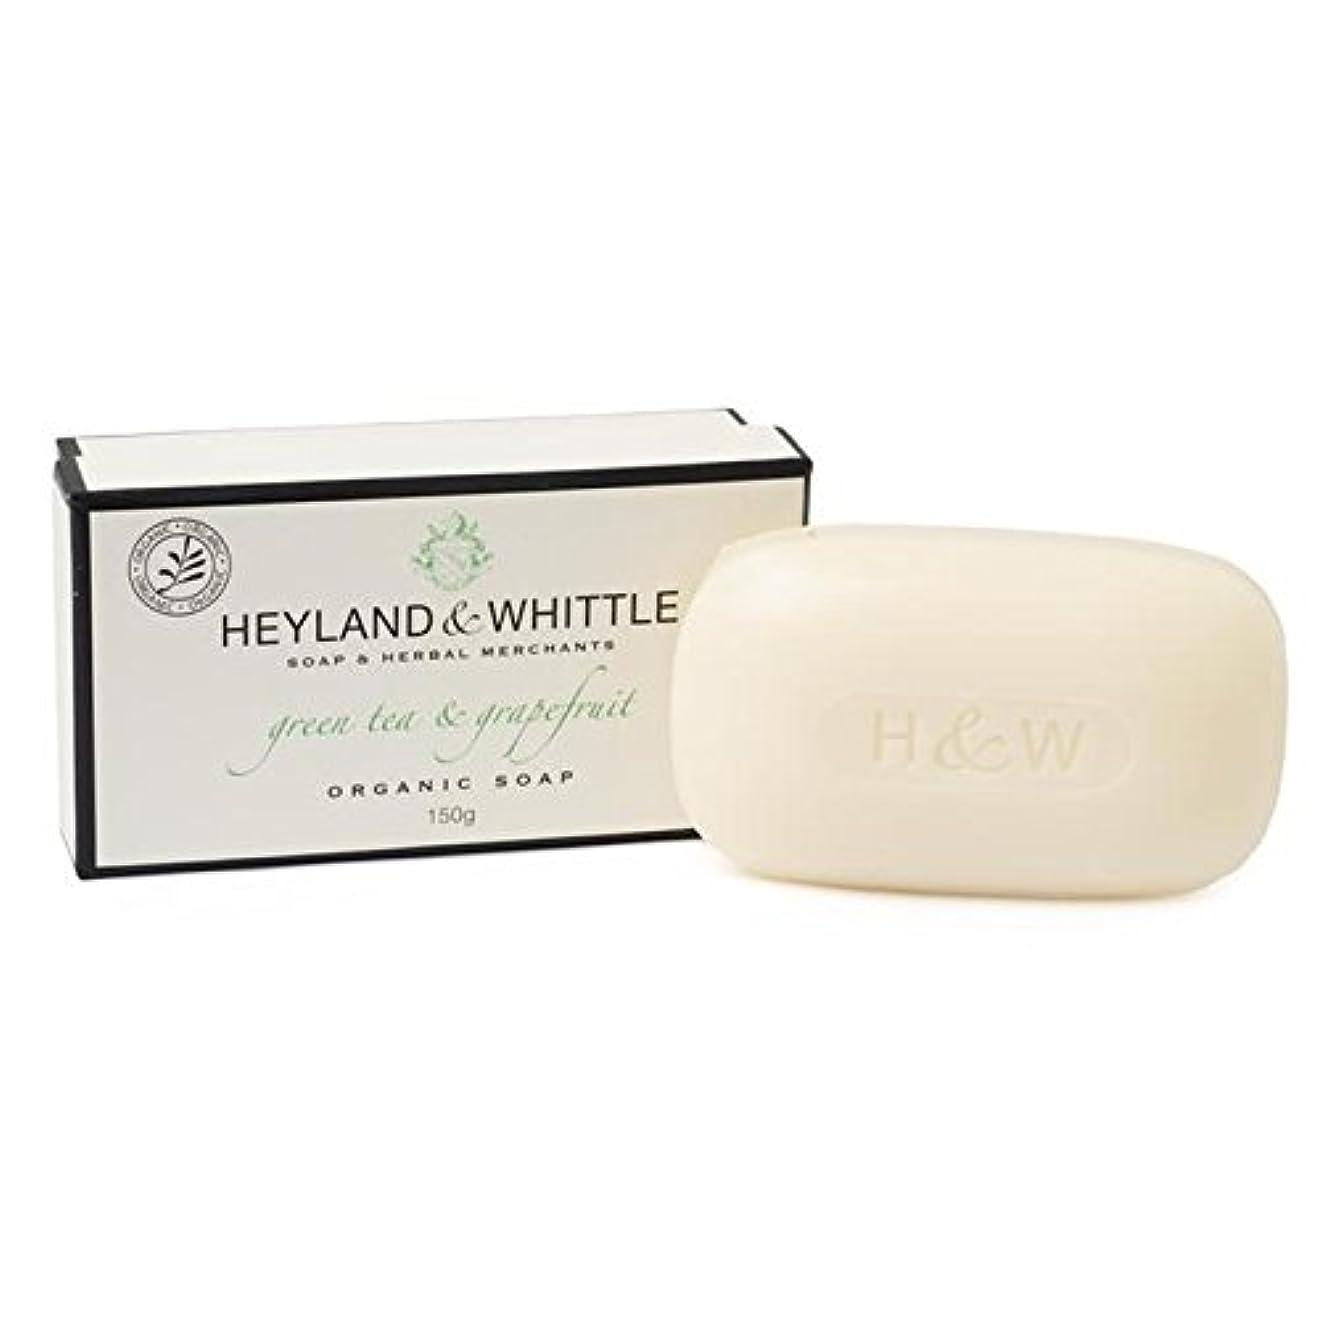 豊富に郵便歯Heyland & Whittle Green Tea & Grapefruit Boxed Organic Soap 150g - &削る緑茶&グレープフルーツはオーガニックソープ150グラム箱入り [並行輸入品]